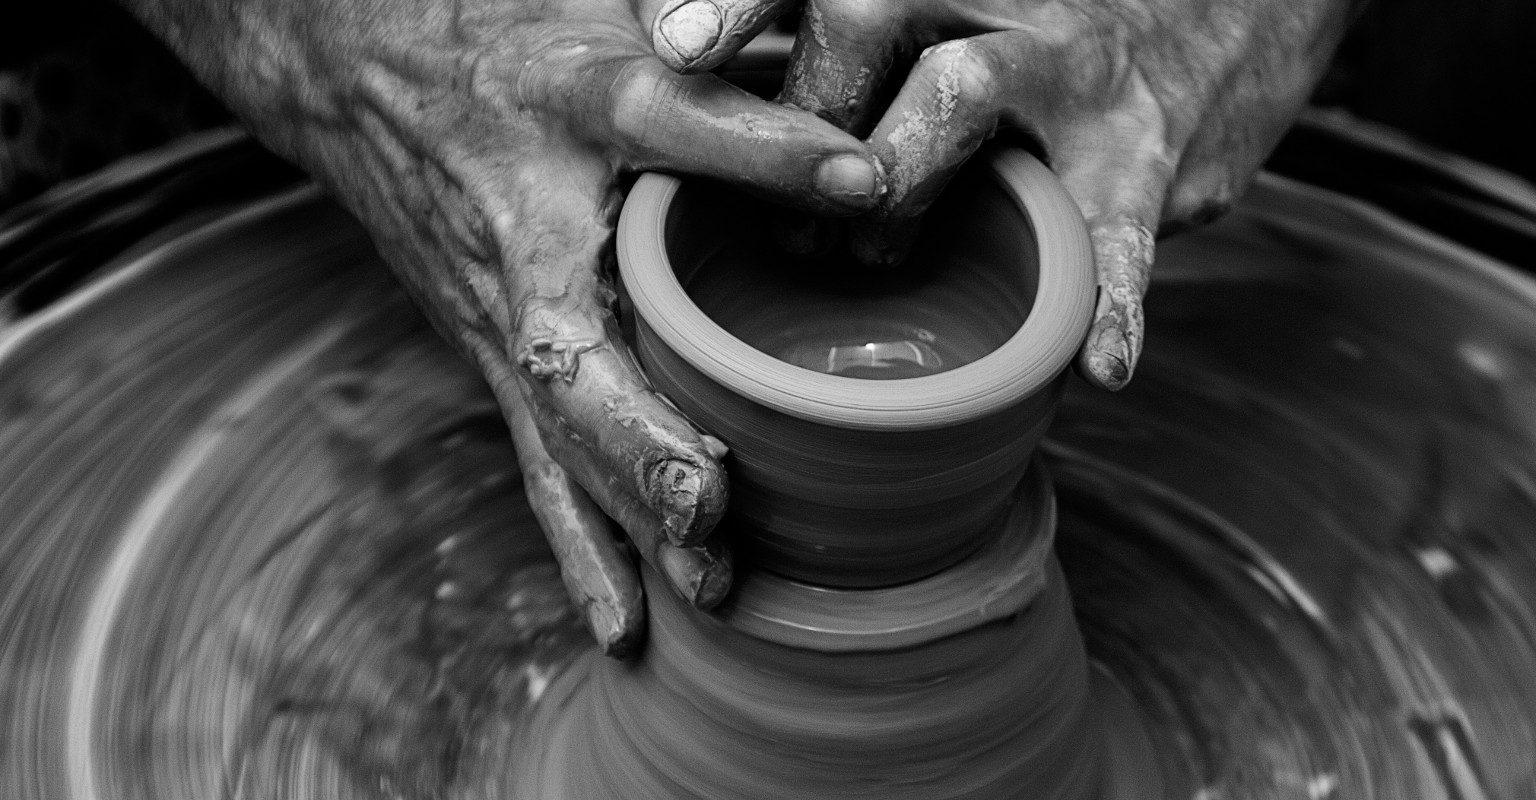 fabrication de poterie